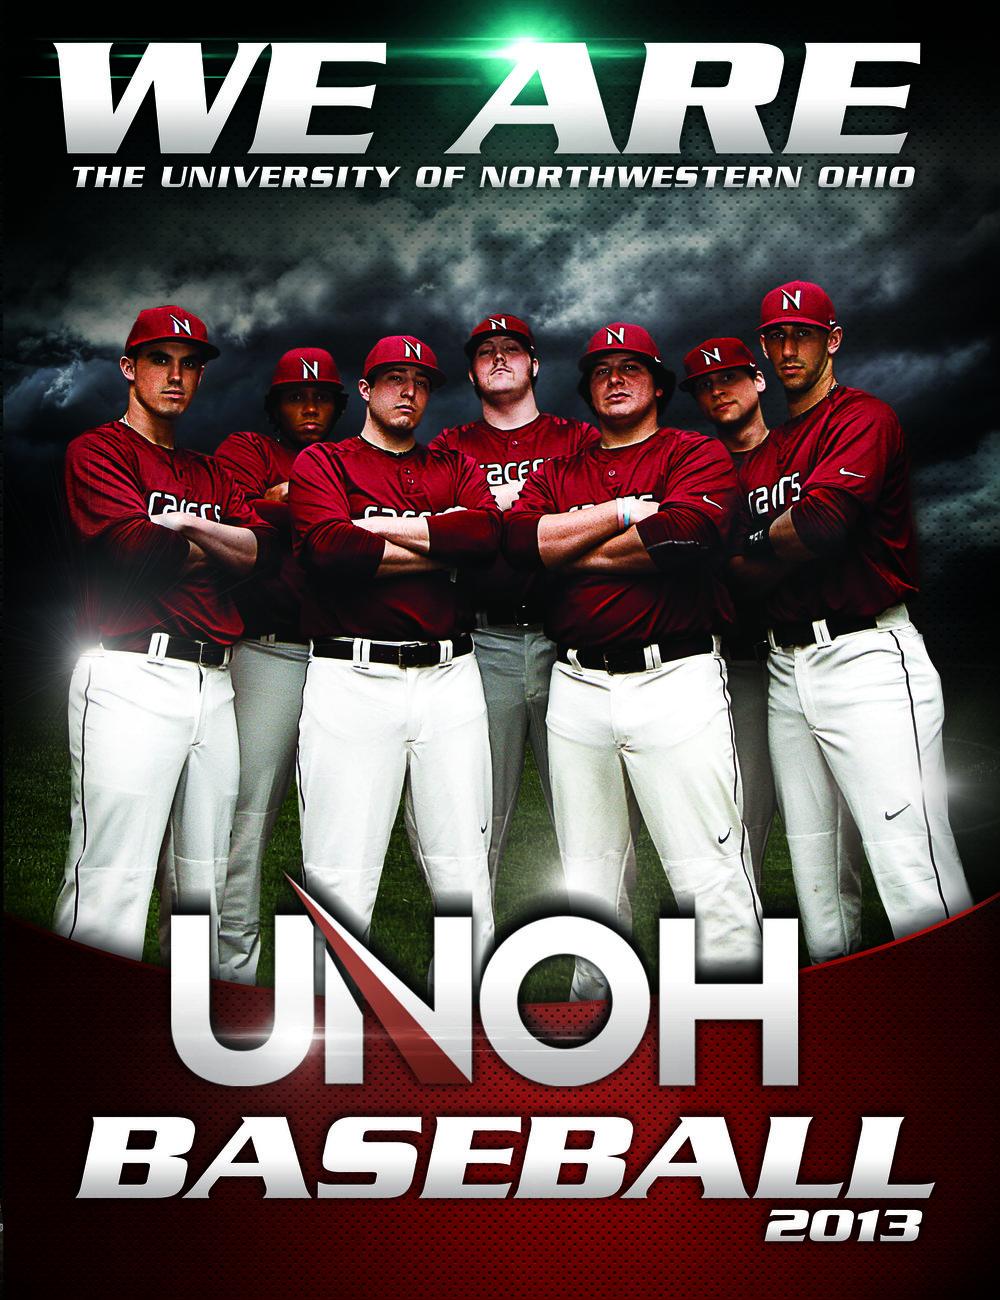 2013 Baseball Media Guide.jpg